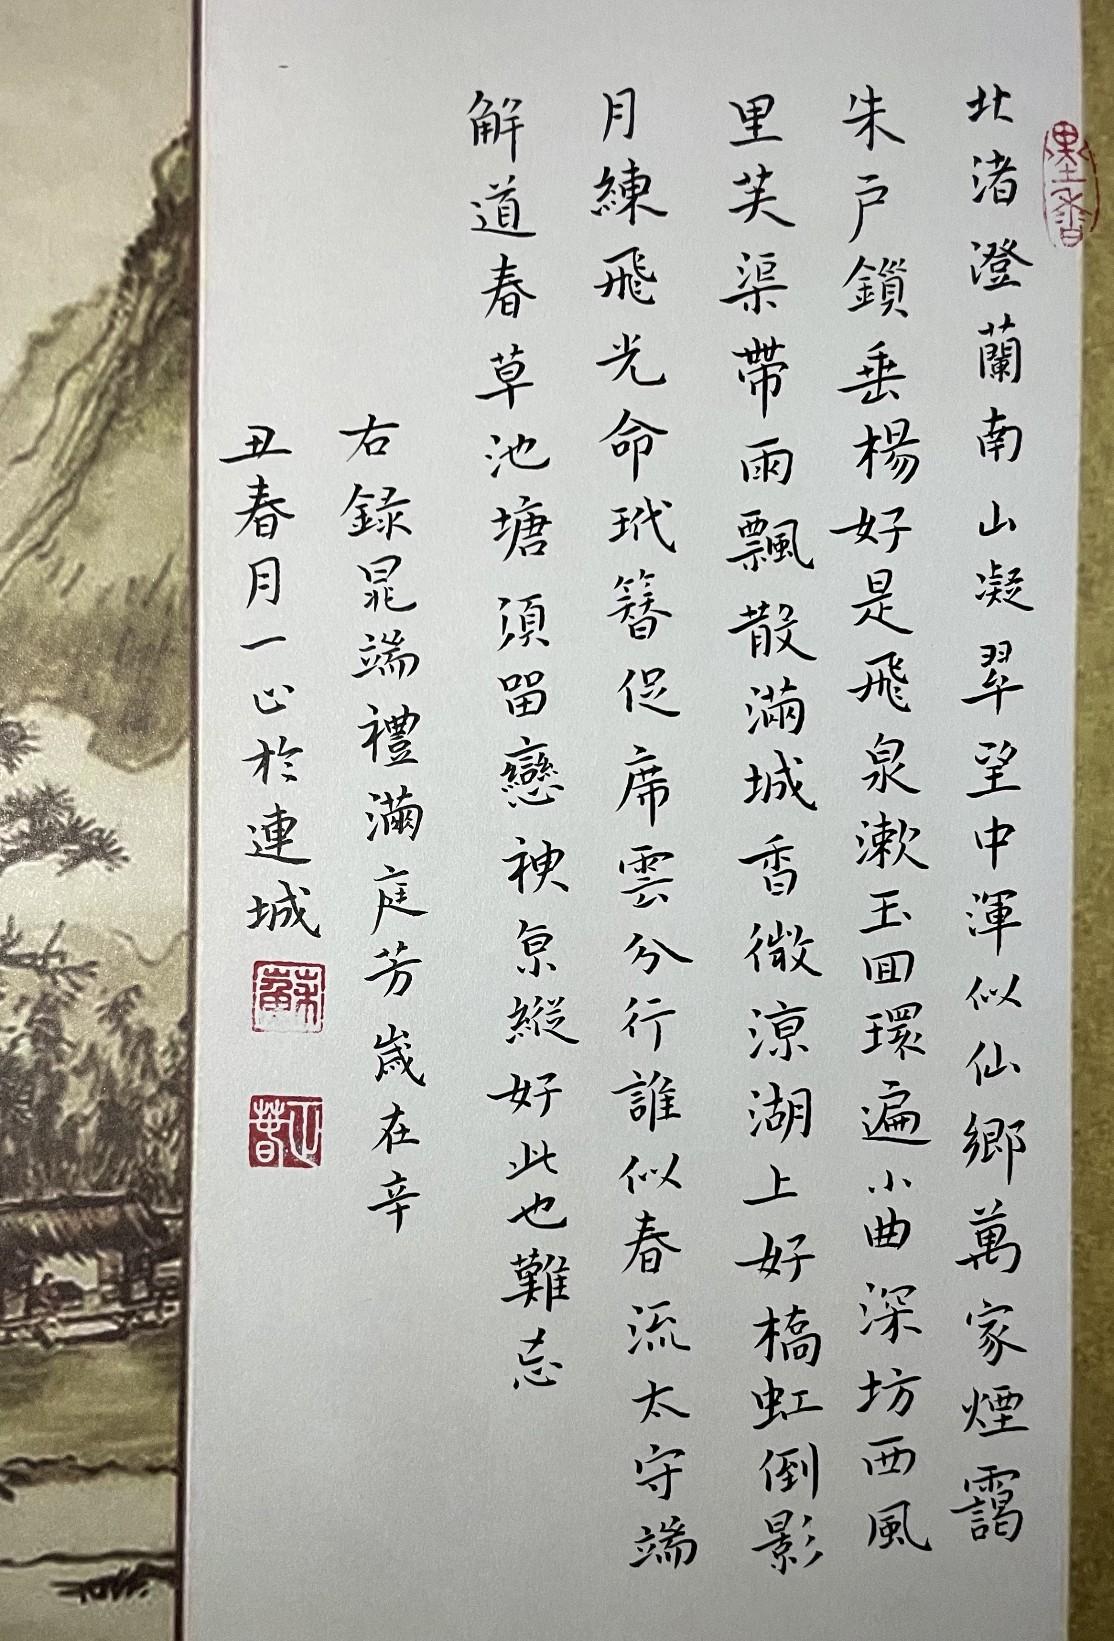 钢笔爱好者练字打卡20210330-02